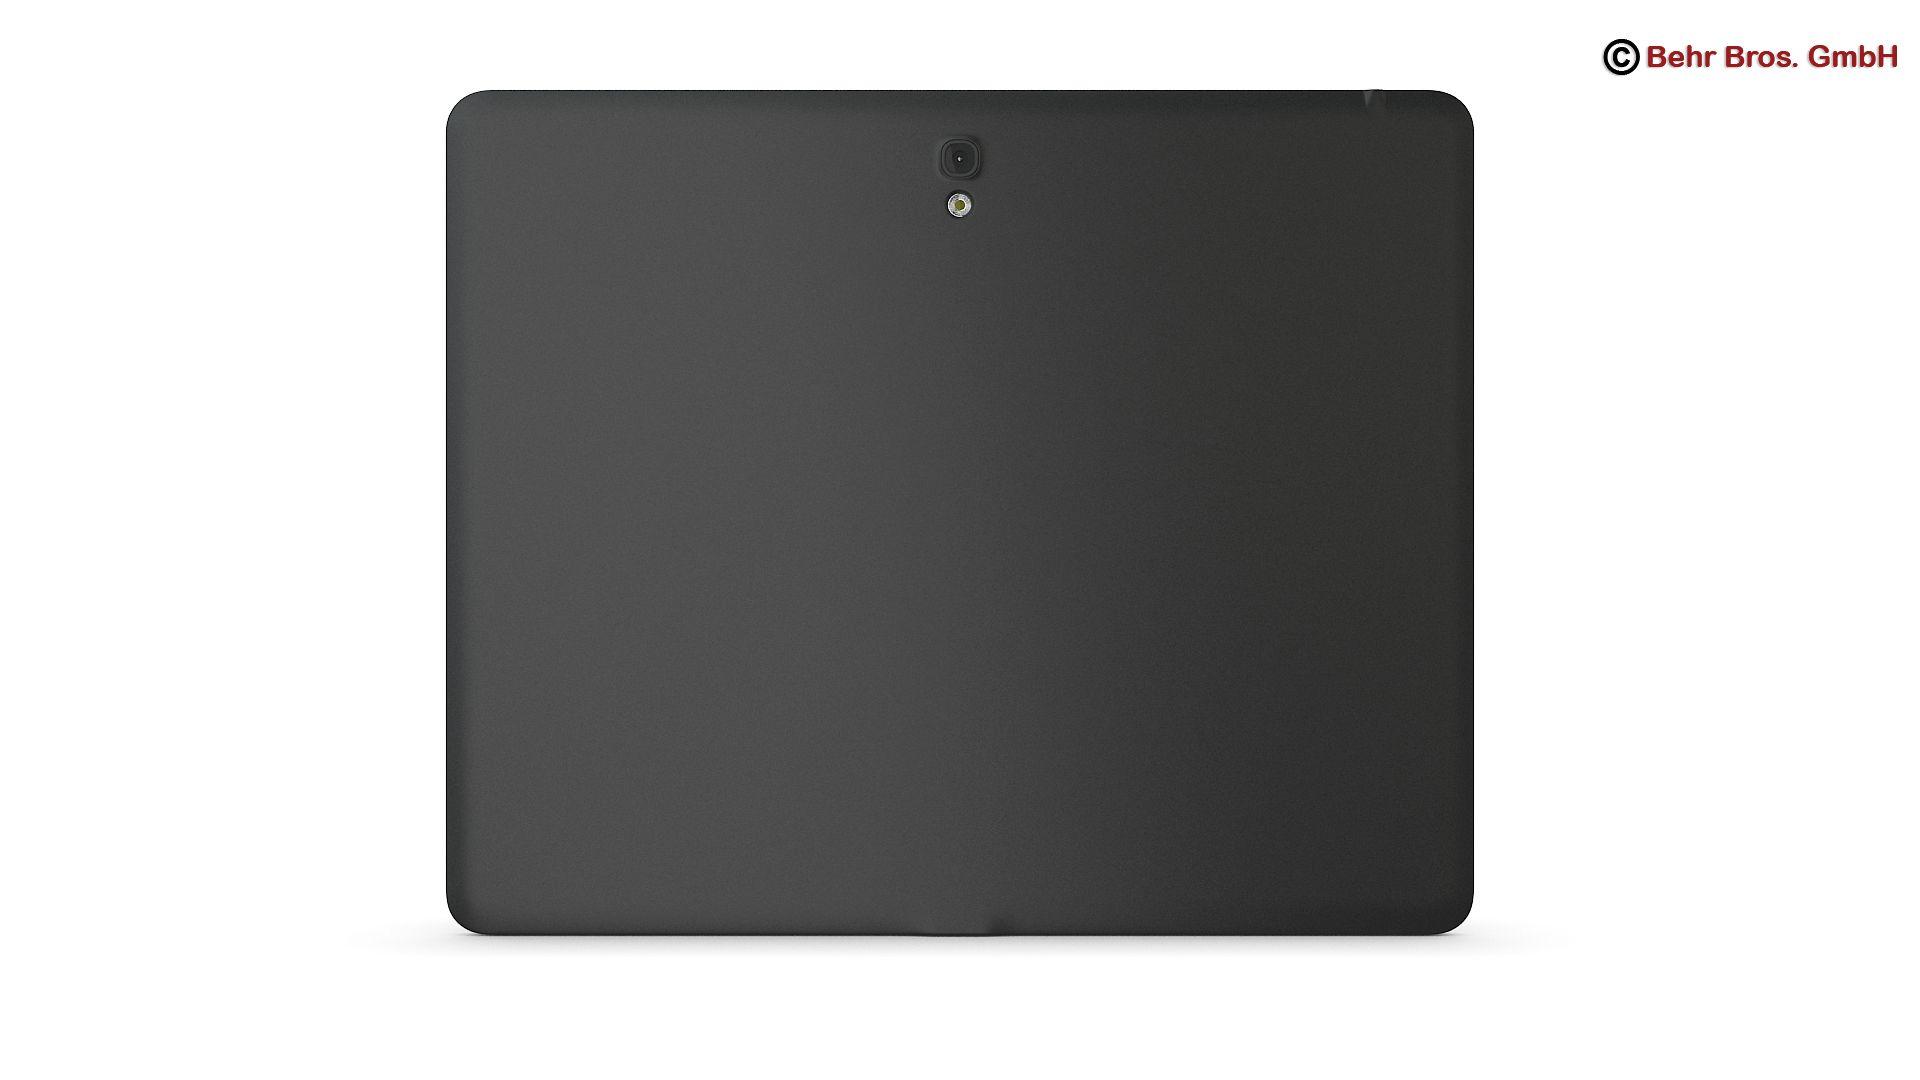 generic tablet 9.7 inch 3d model 3ds max fbx c4d lwo ma mb obj 162903